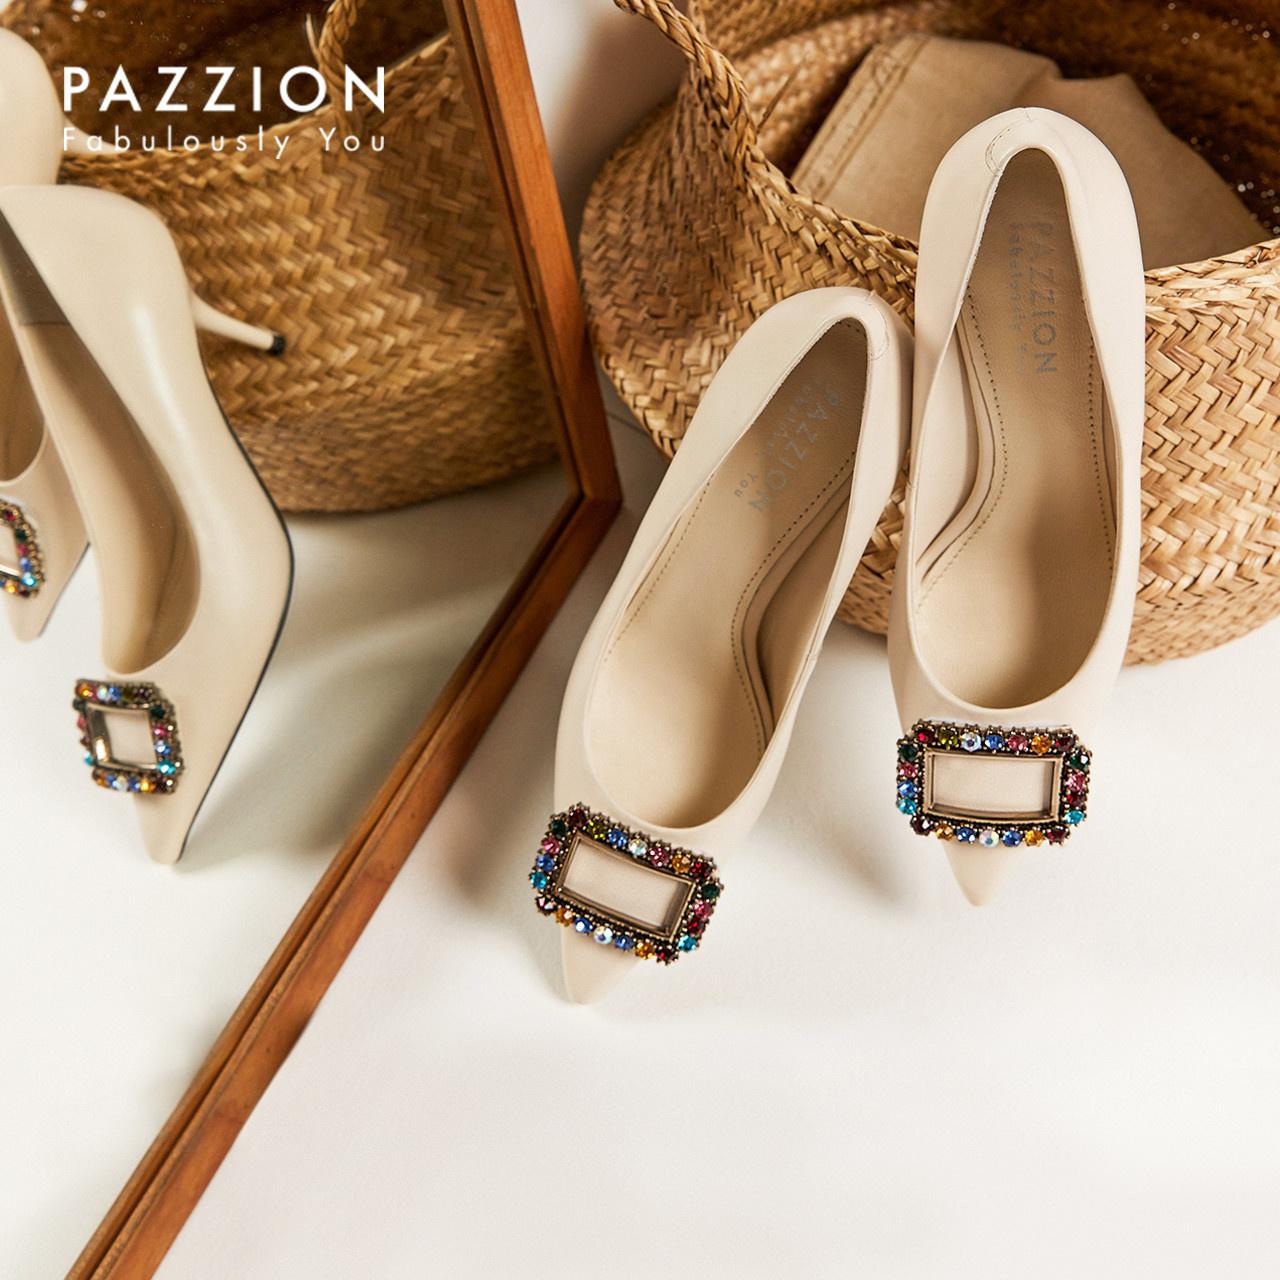 PAZZION2019新款优雅时尚彩钻方扣细高跟鞋 舒适浅口尖头羊皮单鞋